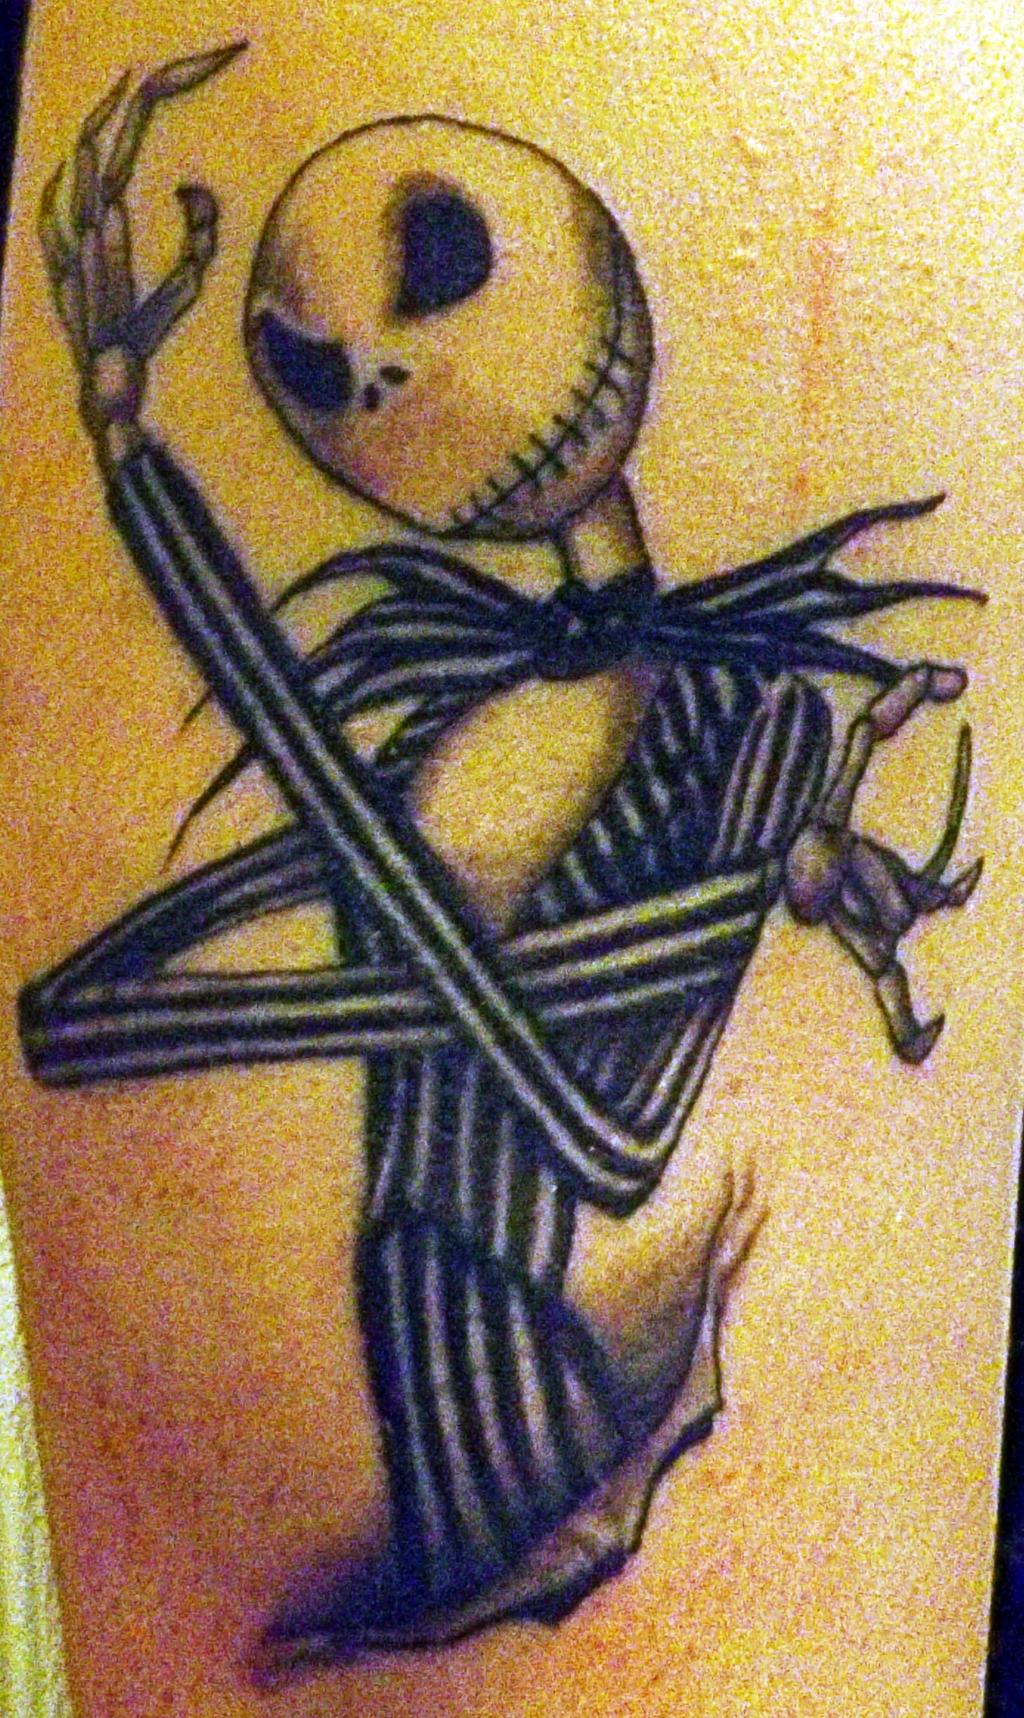 Jack Skellington Tattoo by markeverard